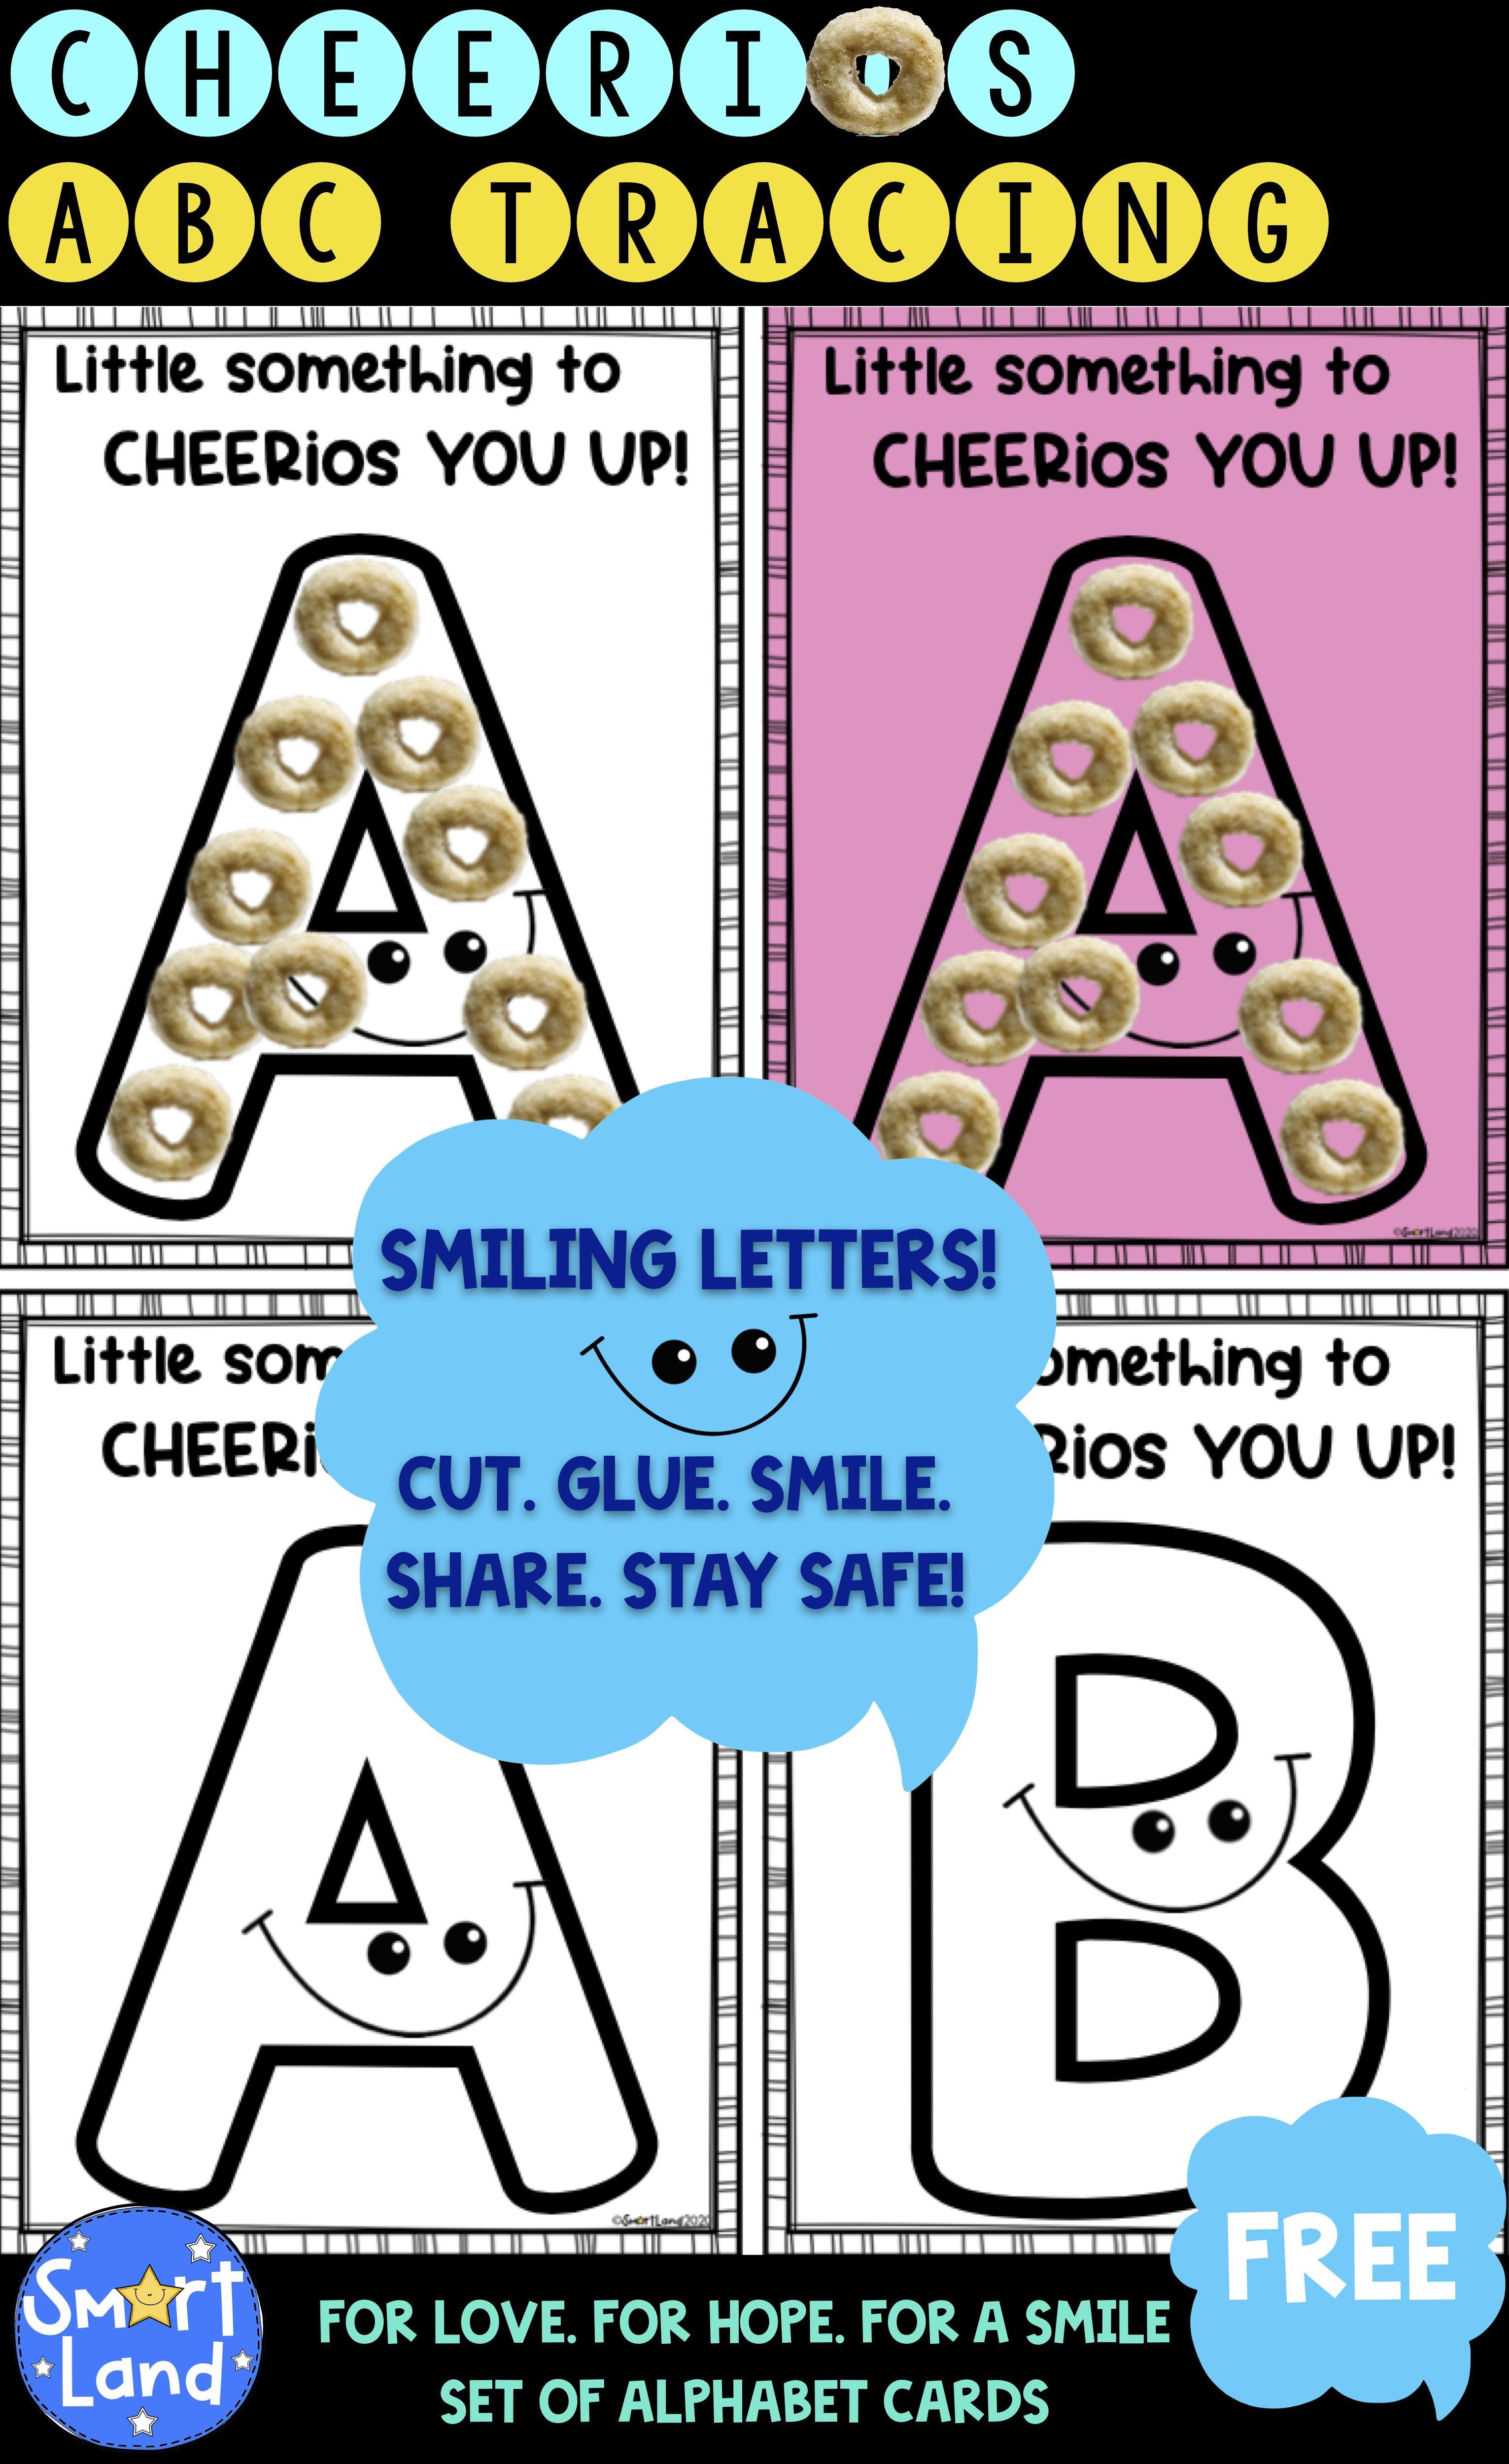 Alphabet Smiling Cheerios Cards In